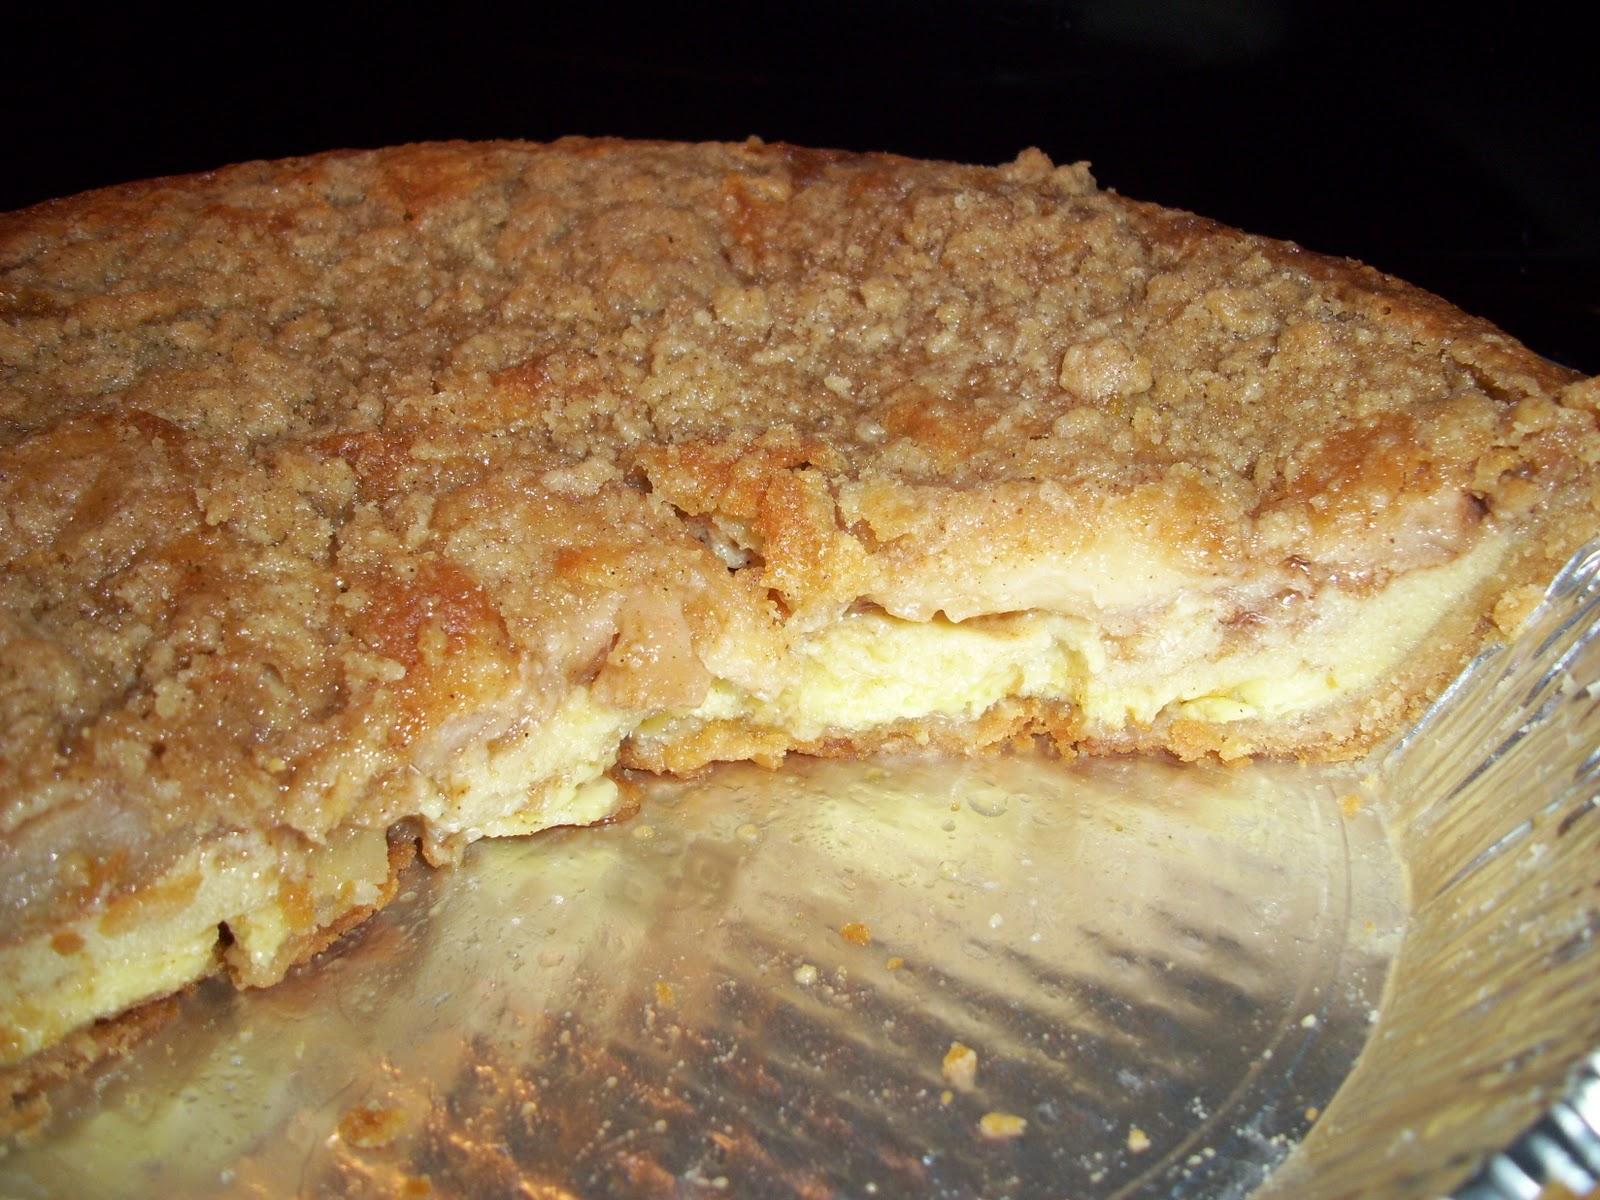 Adventures in My Kitchen: Warm Apple Buttermilk Custard Pie